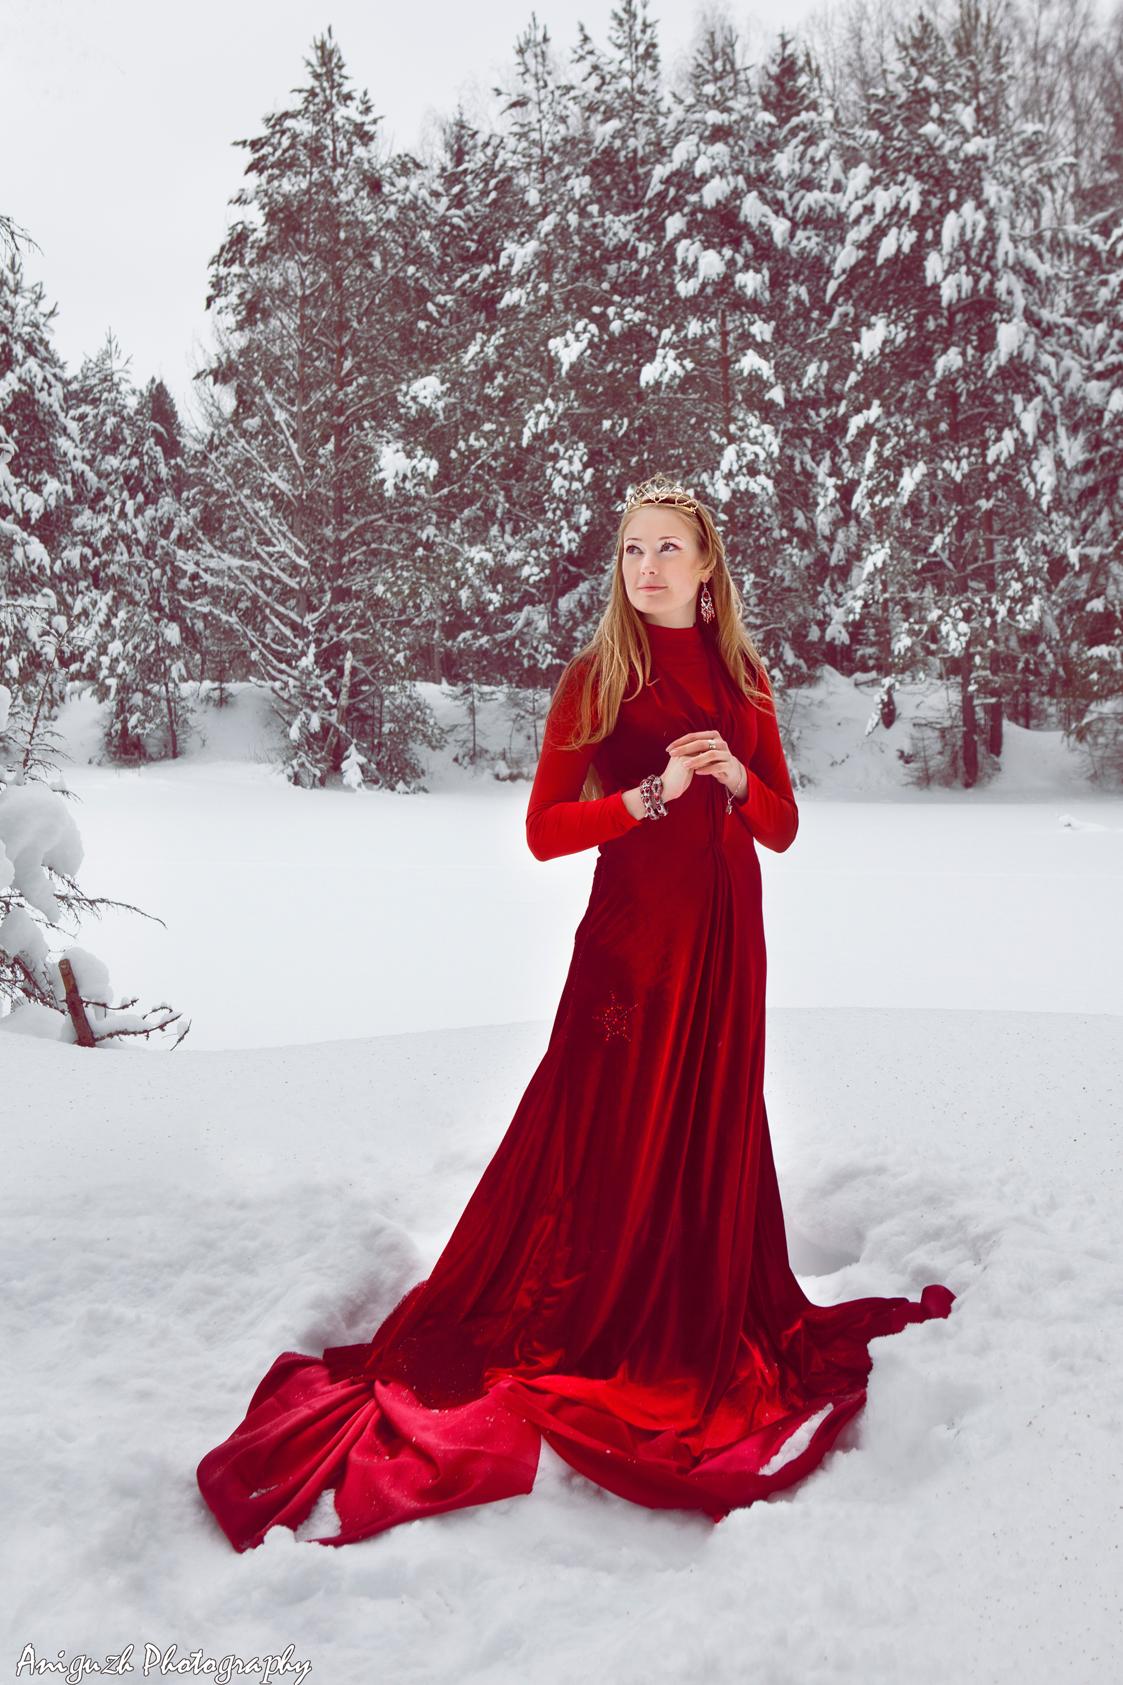 Зимнее фото в лесу с девушкой